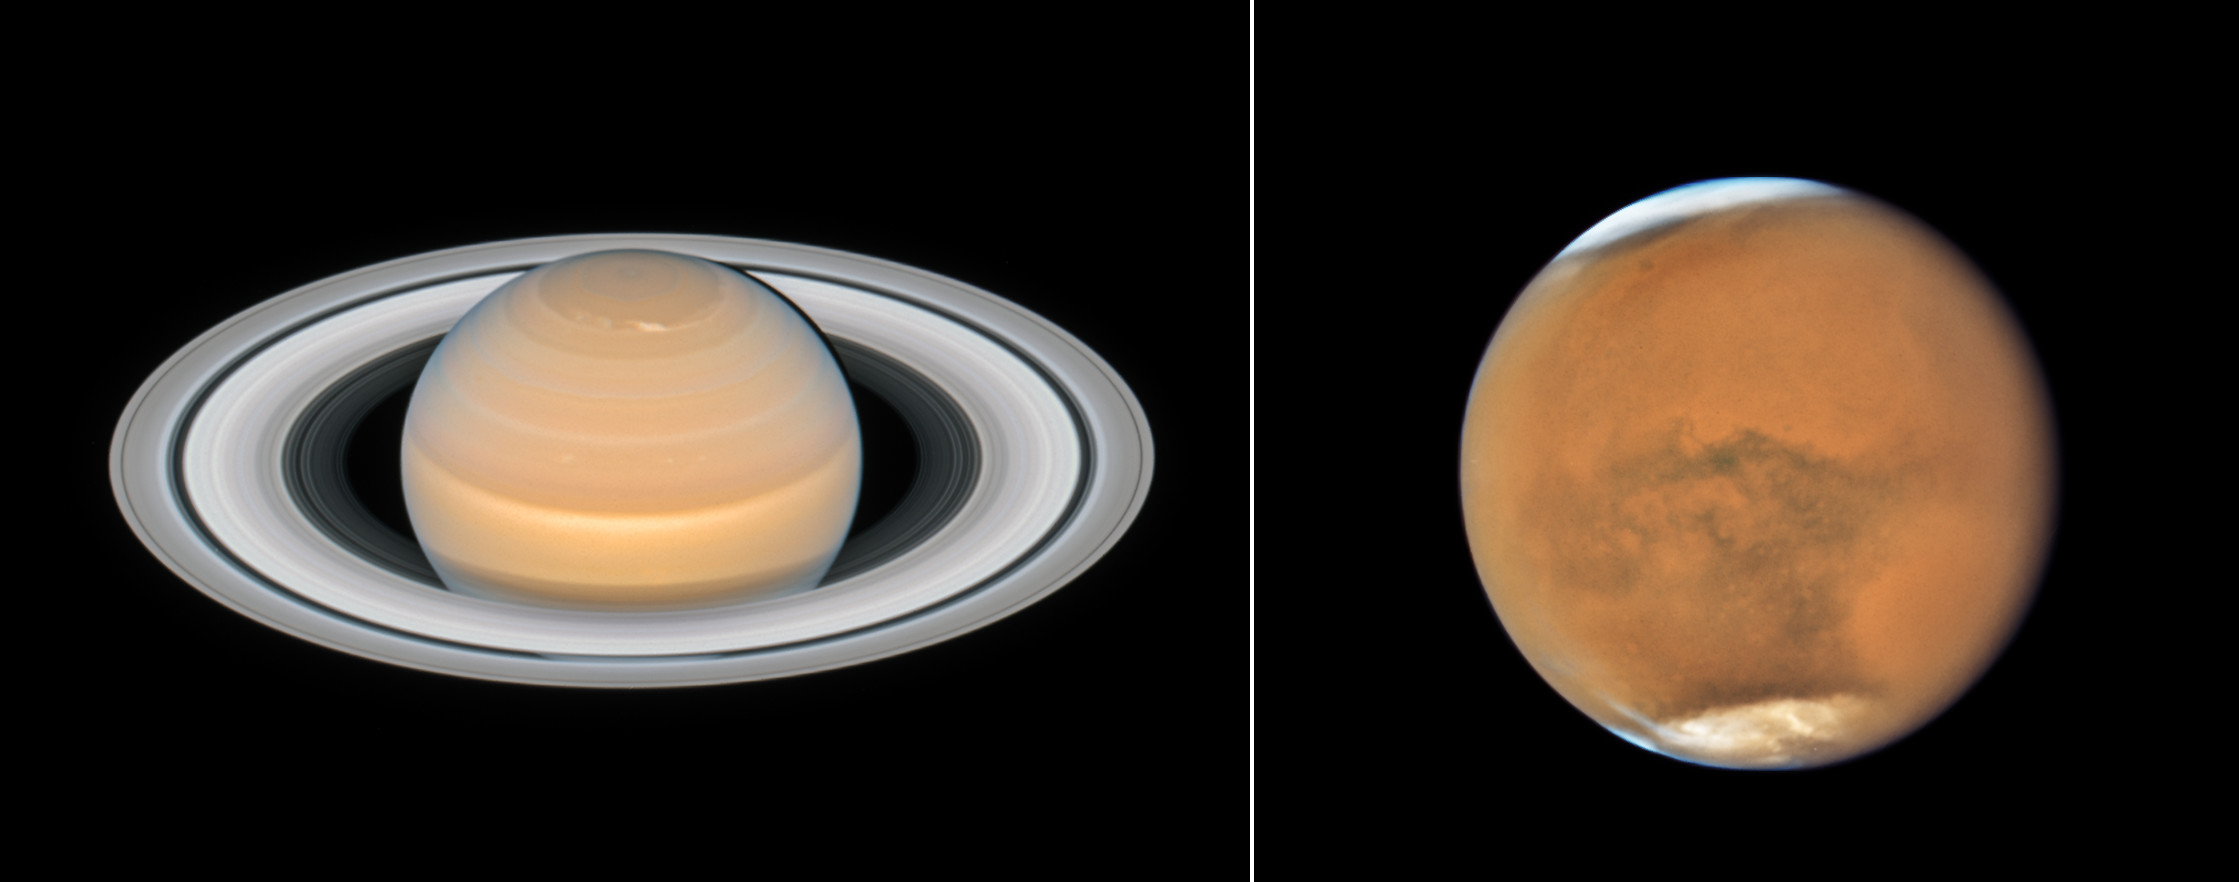 Novos retratos de famlia de saturno e marte pelo hubble as primeiras observaes de marte pelo hubble remontam a 1991 e a primeira observao ccuart Images